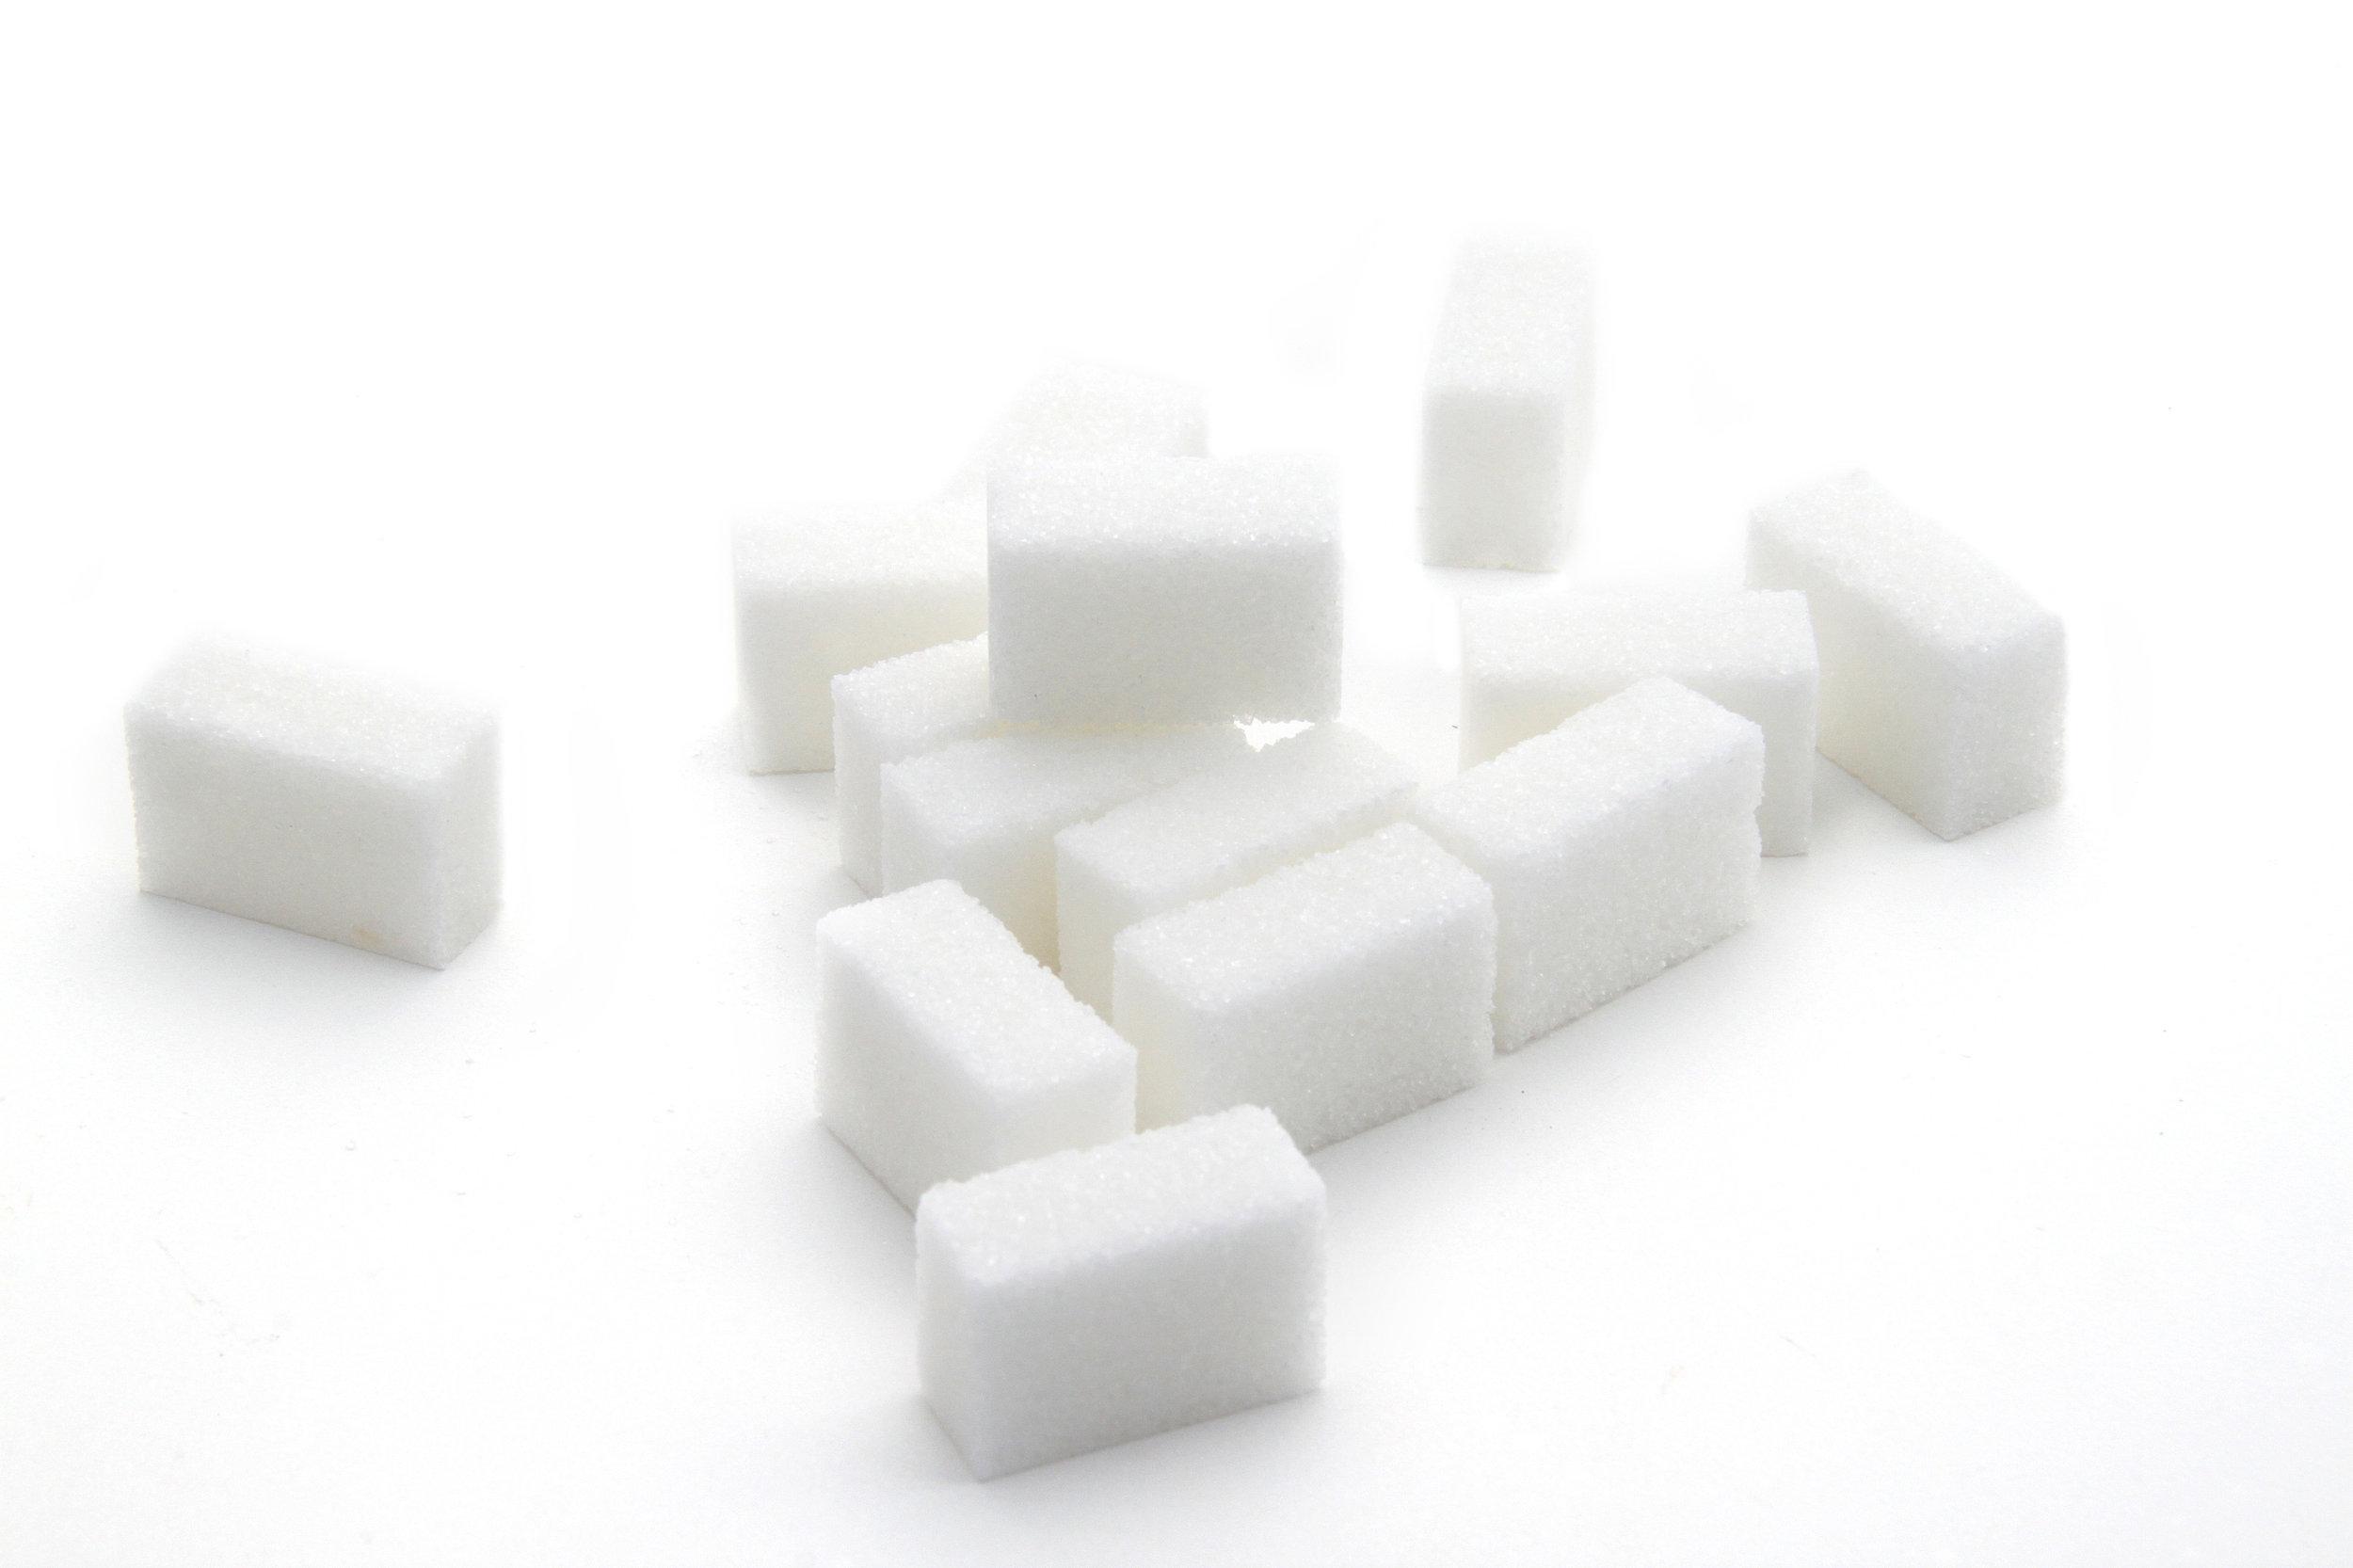 - Les sucres raffinés sont des produits industriels qui constituent des calories vides(sucres dits « rapides ») souvent ajoutées dans toutes sortes de préparations (lire attentivement les étiquettes).